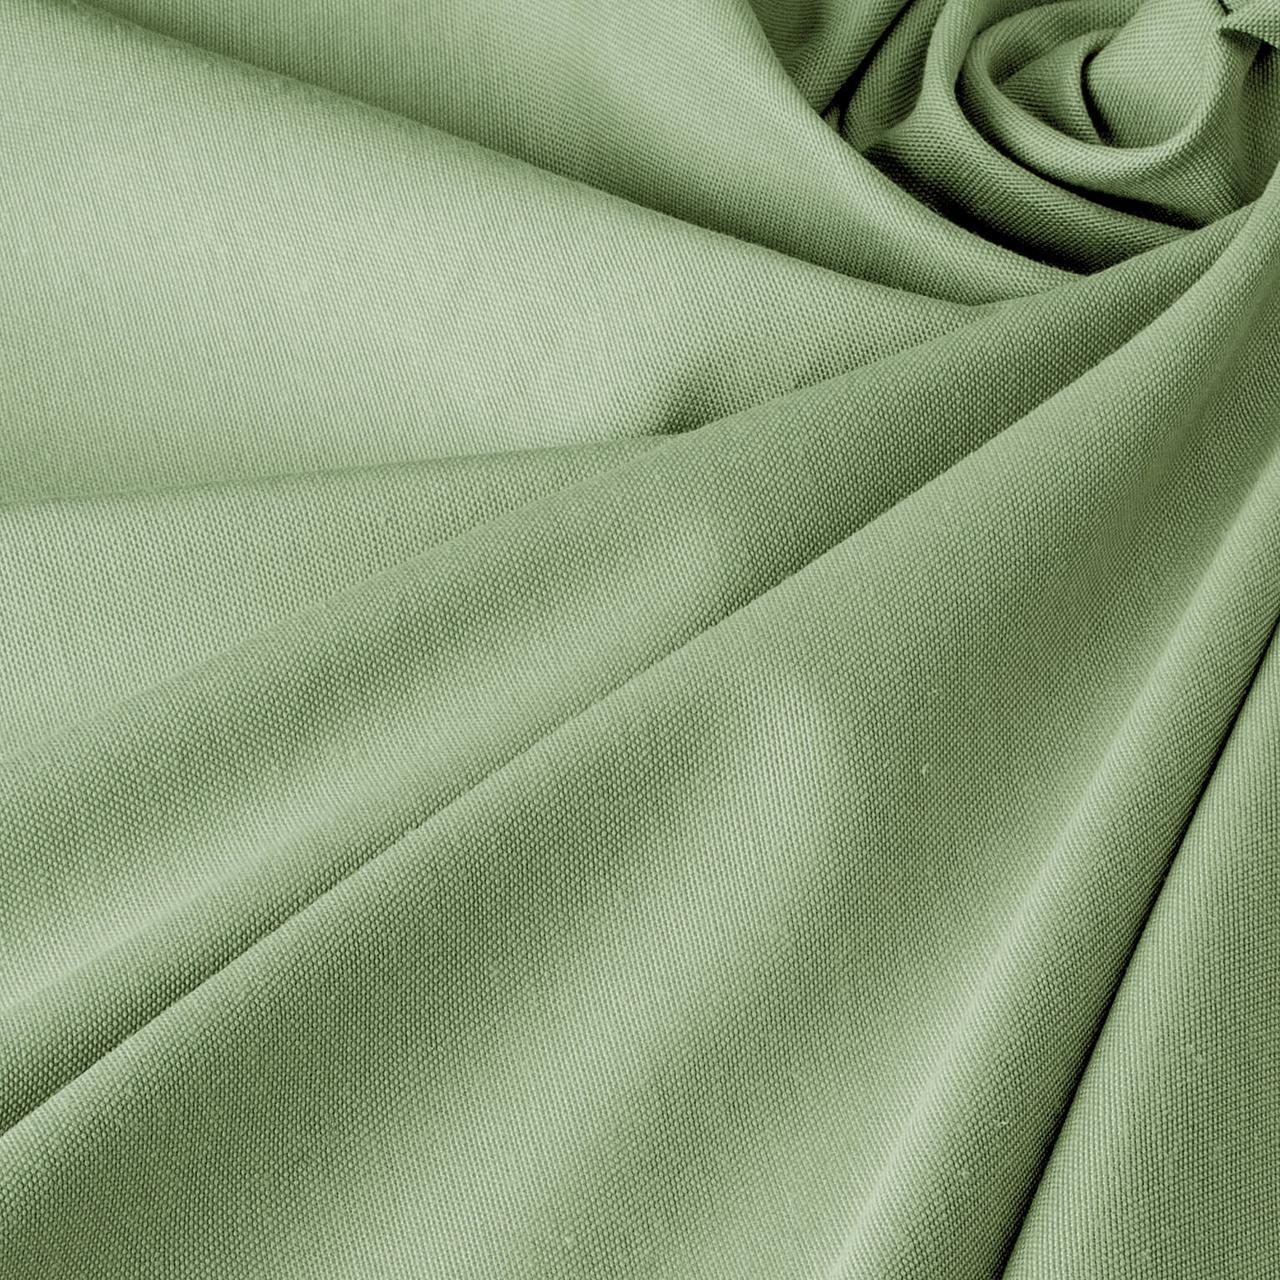 Ткань для штор и скатертей Teflon DRY v 3317